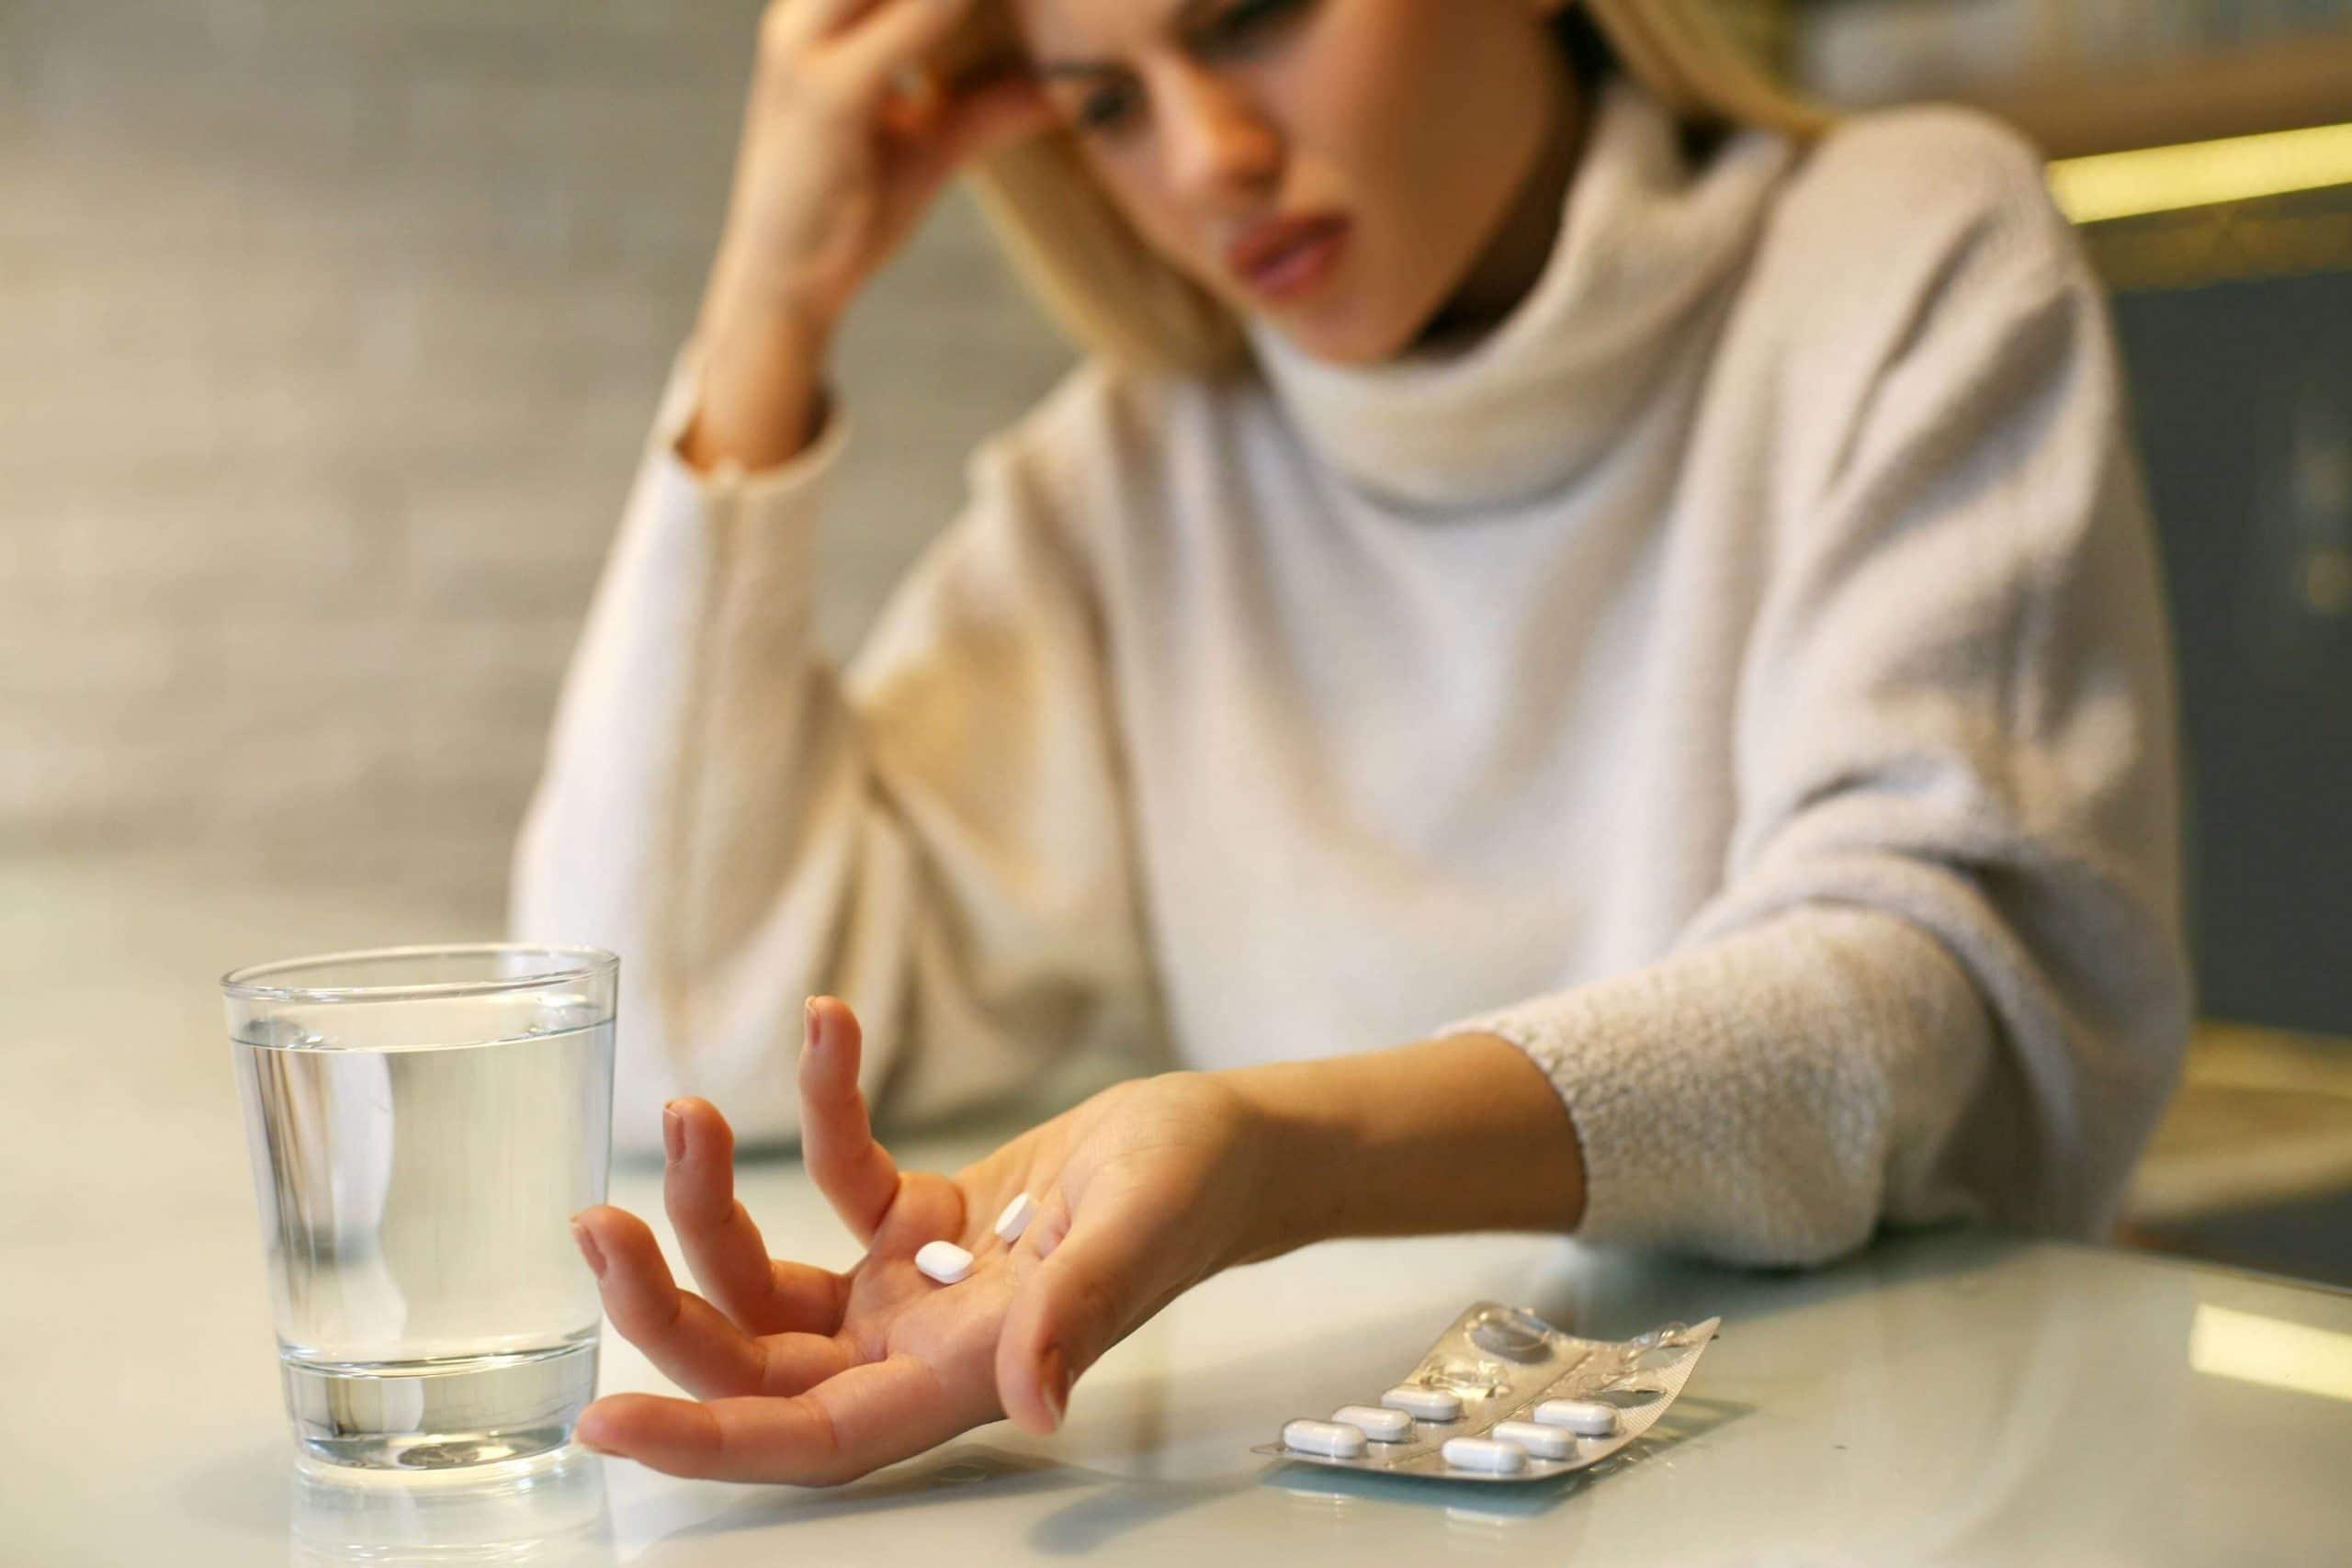 девушка собирается принять таблетки